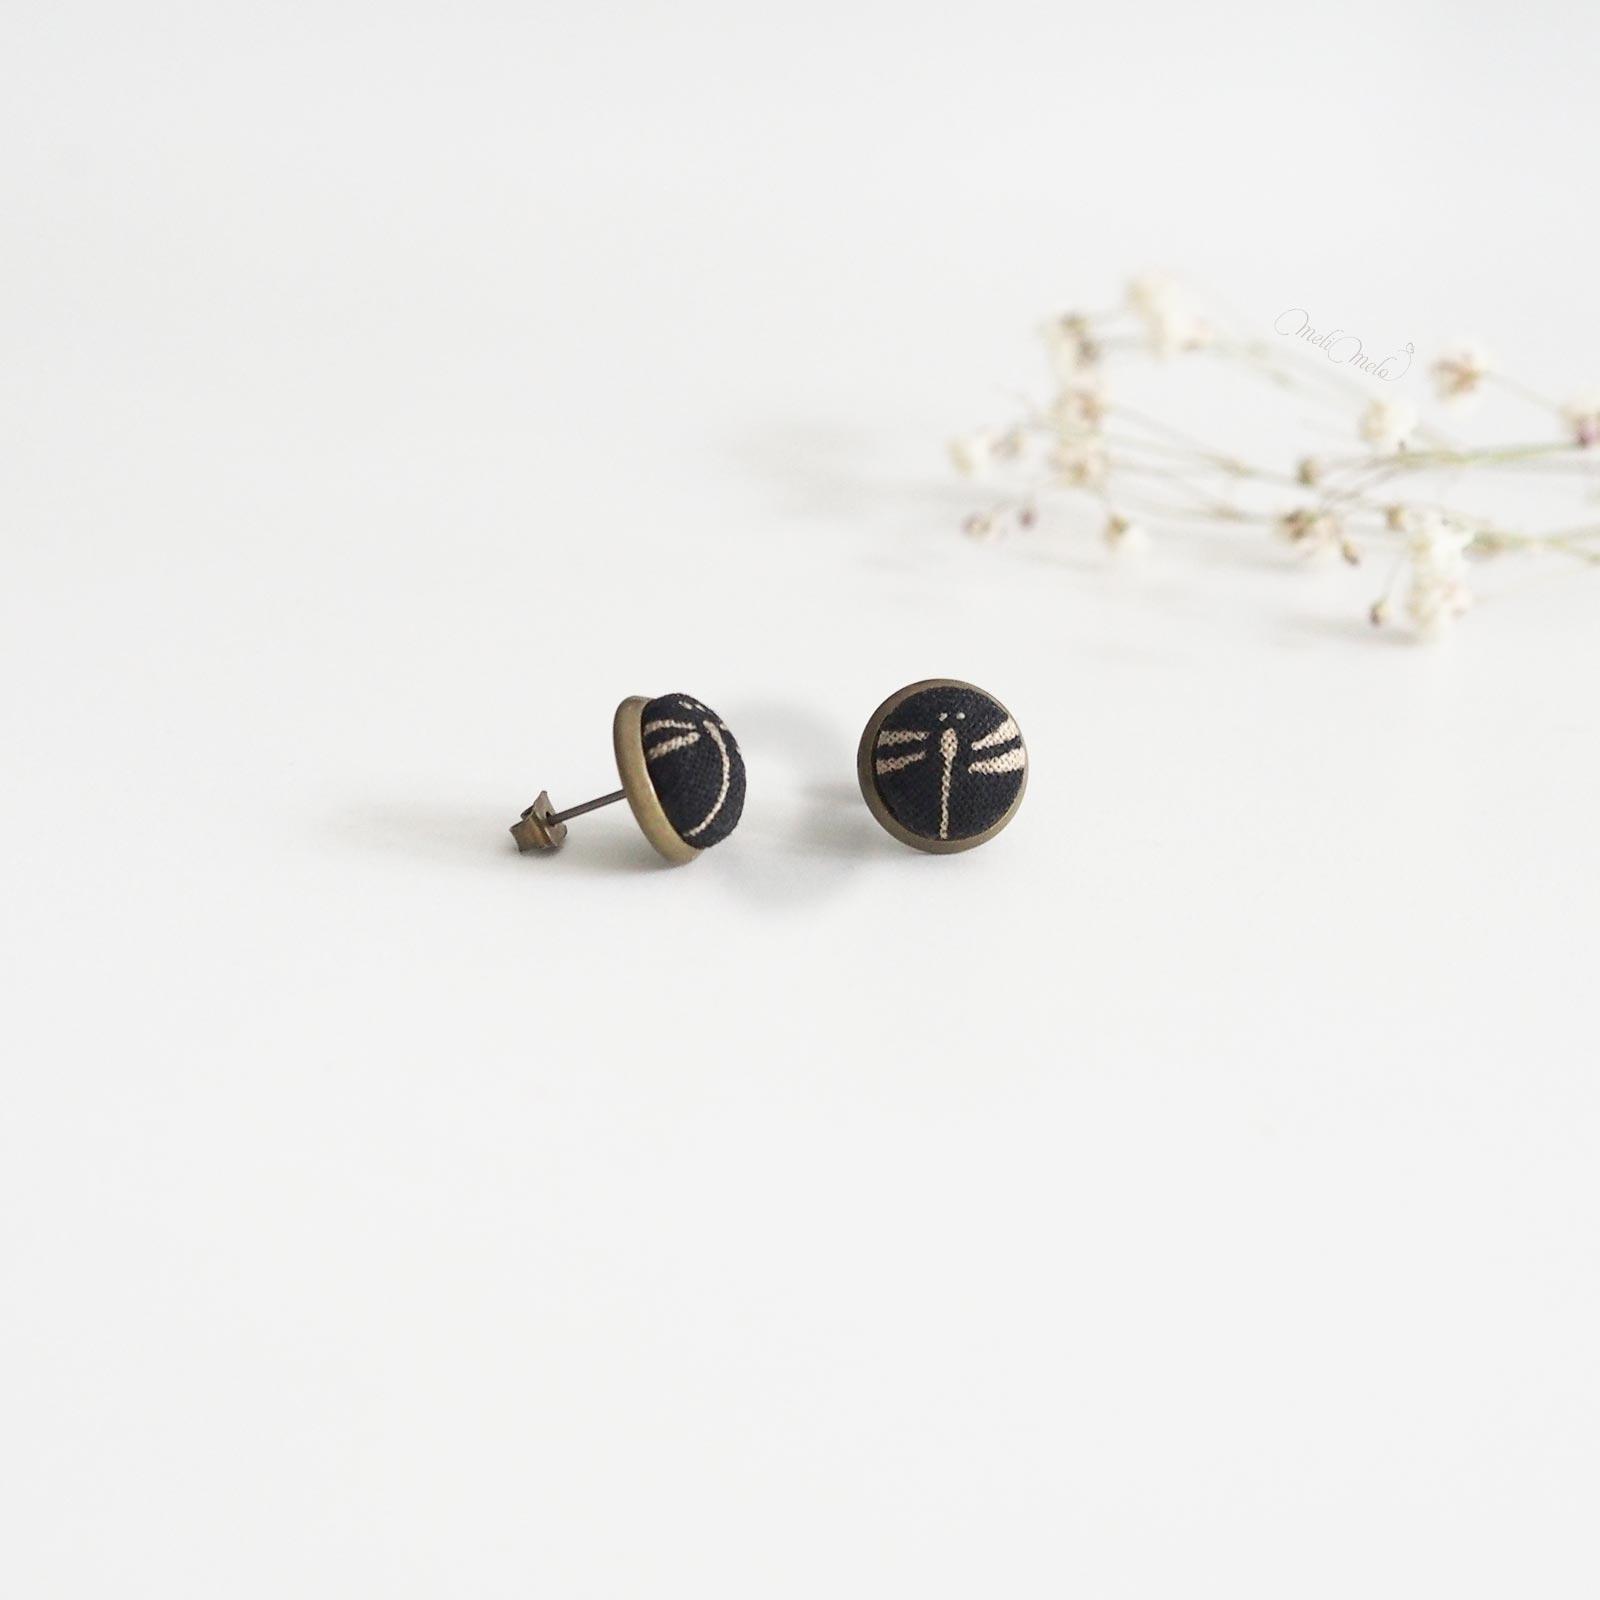 puces oreilles tonbo black libellule noir tissu japonais laboutiquedemelimelo